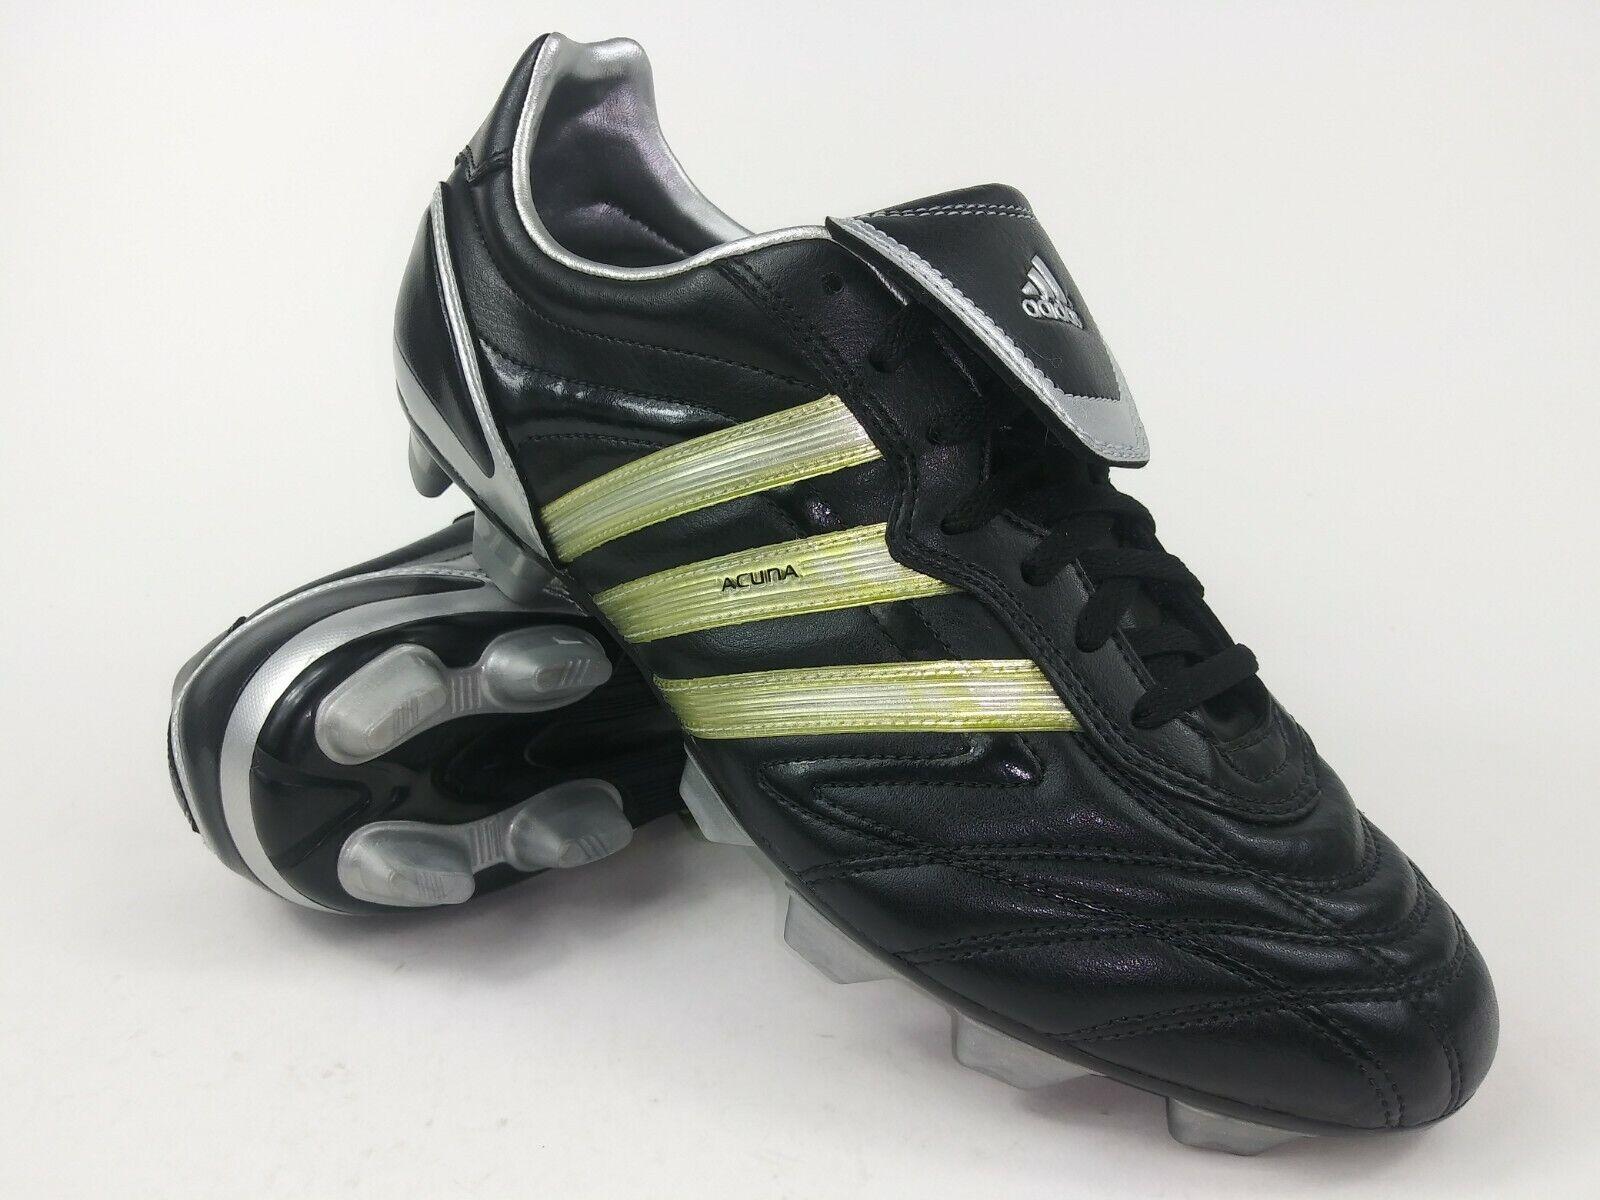 Adidas Para Hombre Raro Acuna Trx Fg 030487 Negro gris botas Botines de fútbol